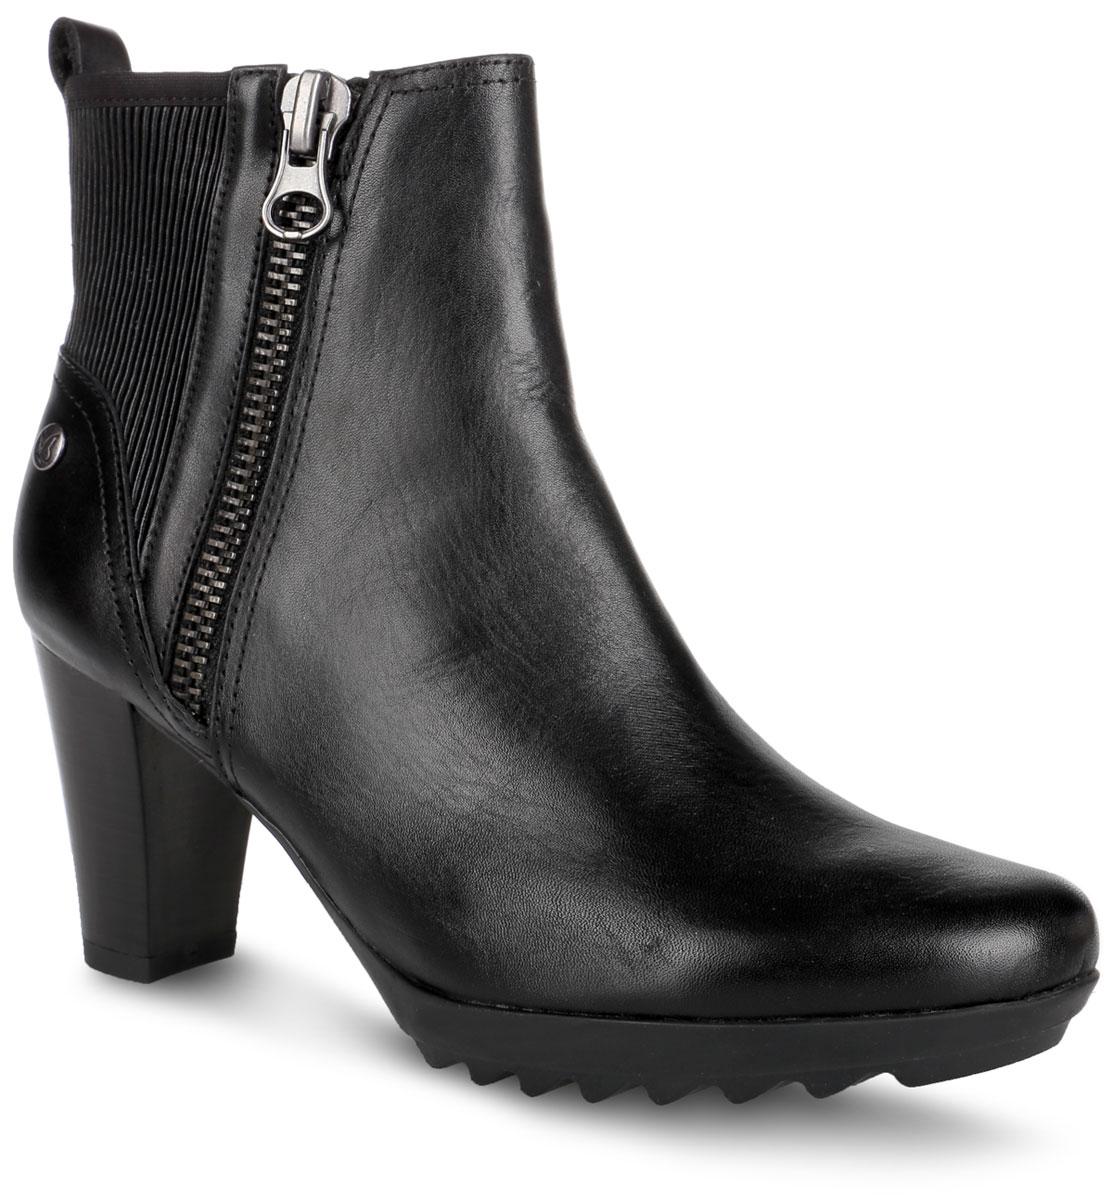 9-9-25407-27-019Стильные ботильоны от Сарriсе не оставят равнодушной настоящую модницу! Модель выполнена из натуральной кожи и оформлена сбоку декоративной молнией. Задняя часть модели с внутренней стороны дополнена эластичной резинкой, которая обеспечивает идеальную посадку модели на ноге. Подкладка и стелька из мягкого текстиля не дадут ногам замерзнуть. Непревзойденное удобство и комфорт обеспечивает уникальная запатентованная технология On Air Insole, которая благодаря воздушным камерам в стельке способствует испарению излишней влаги и улучшению воздухообмена. Также воздушные камеры снижают давление на стопу, благодаря этому исчезают симптомы усталости, и производится оздоровительный массаж стопы. Застегивается модель на боковую застежку-молнию. Высокий каблук невероятно устойчив. Подошва с протектором обеспечивает отличное сцепление с любой поверхностью. Такие ботильоны отлично подчеркнут ваш стиль и индивидуальность.